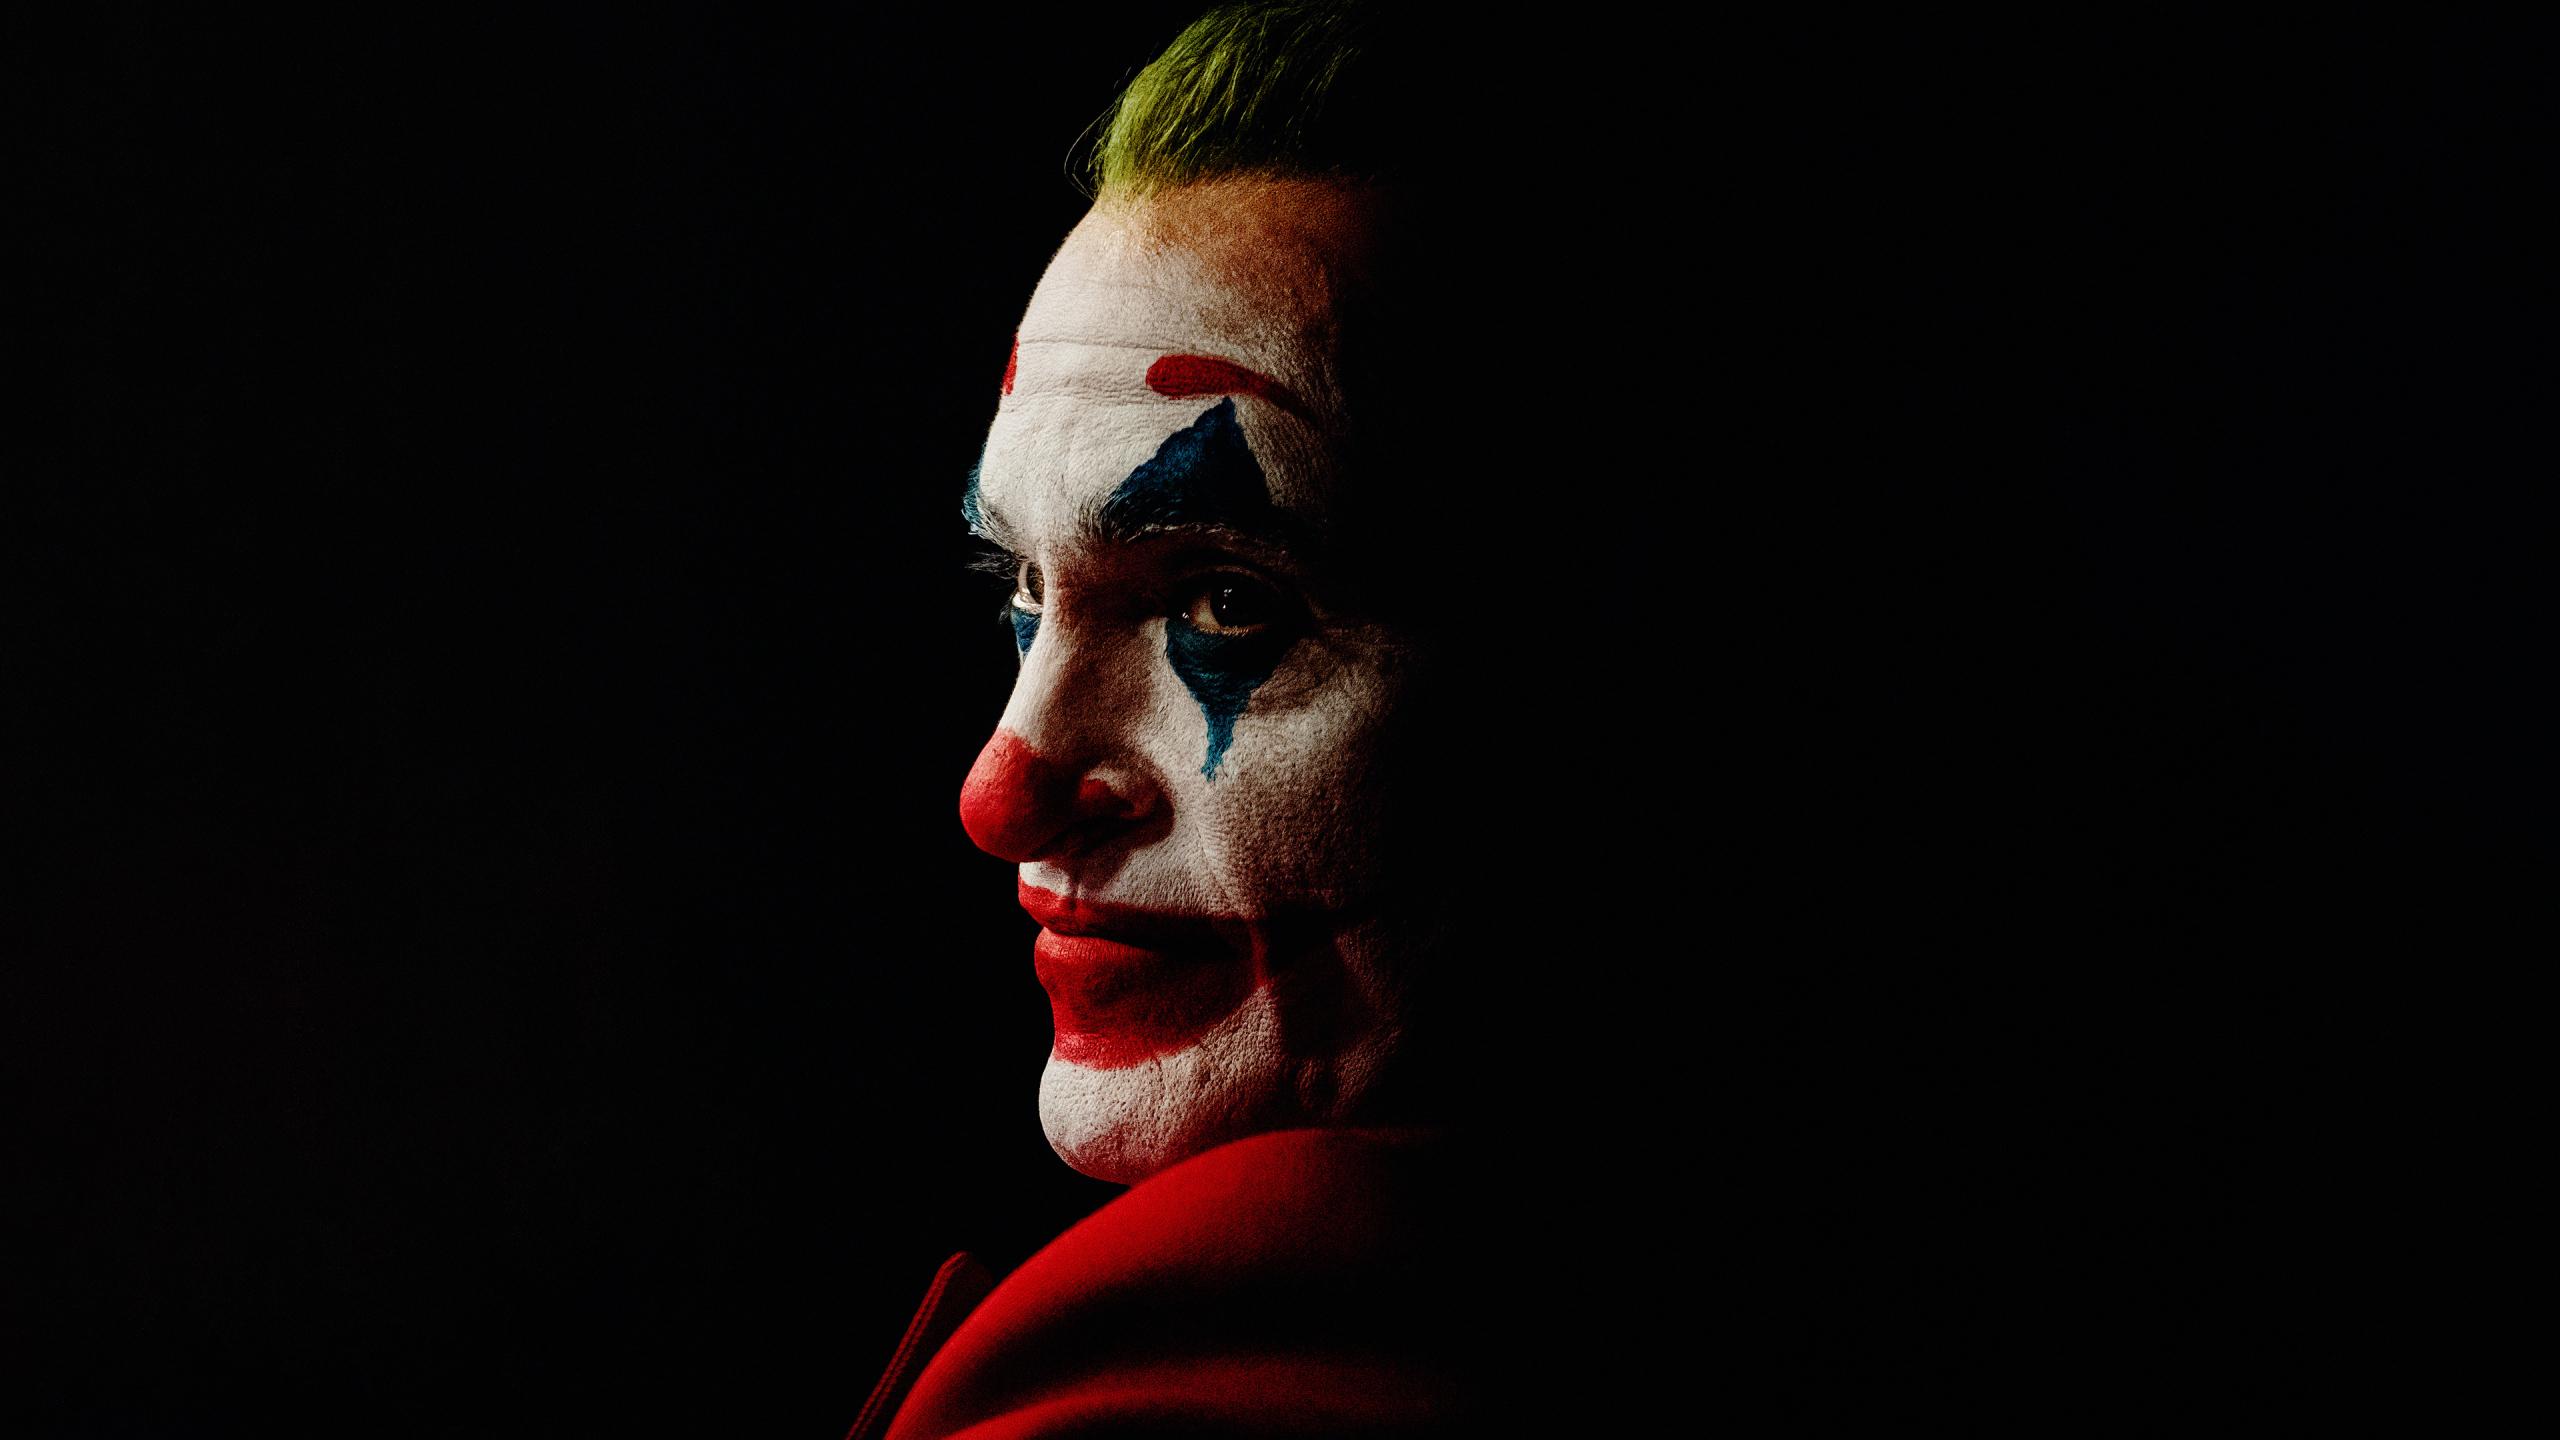 2560x1440 Joker Movie 4k 1440p Resolution Wallpaper Hd